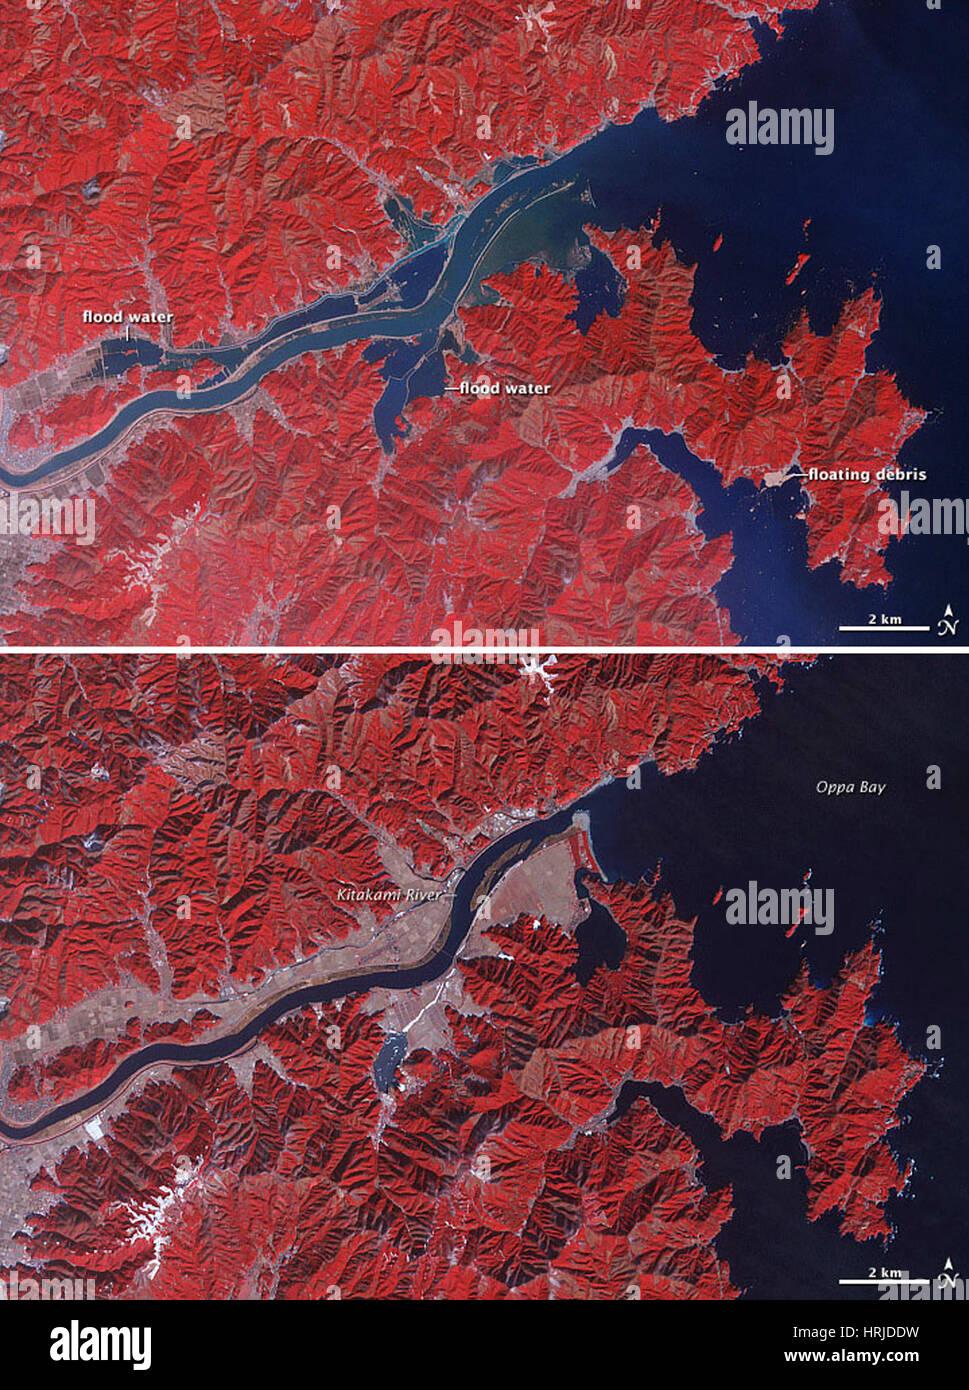 Fiume Kitakami inondazioni, immagini ASTER, 2011 Immagini Stock